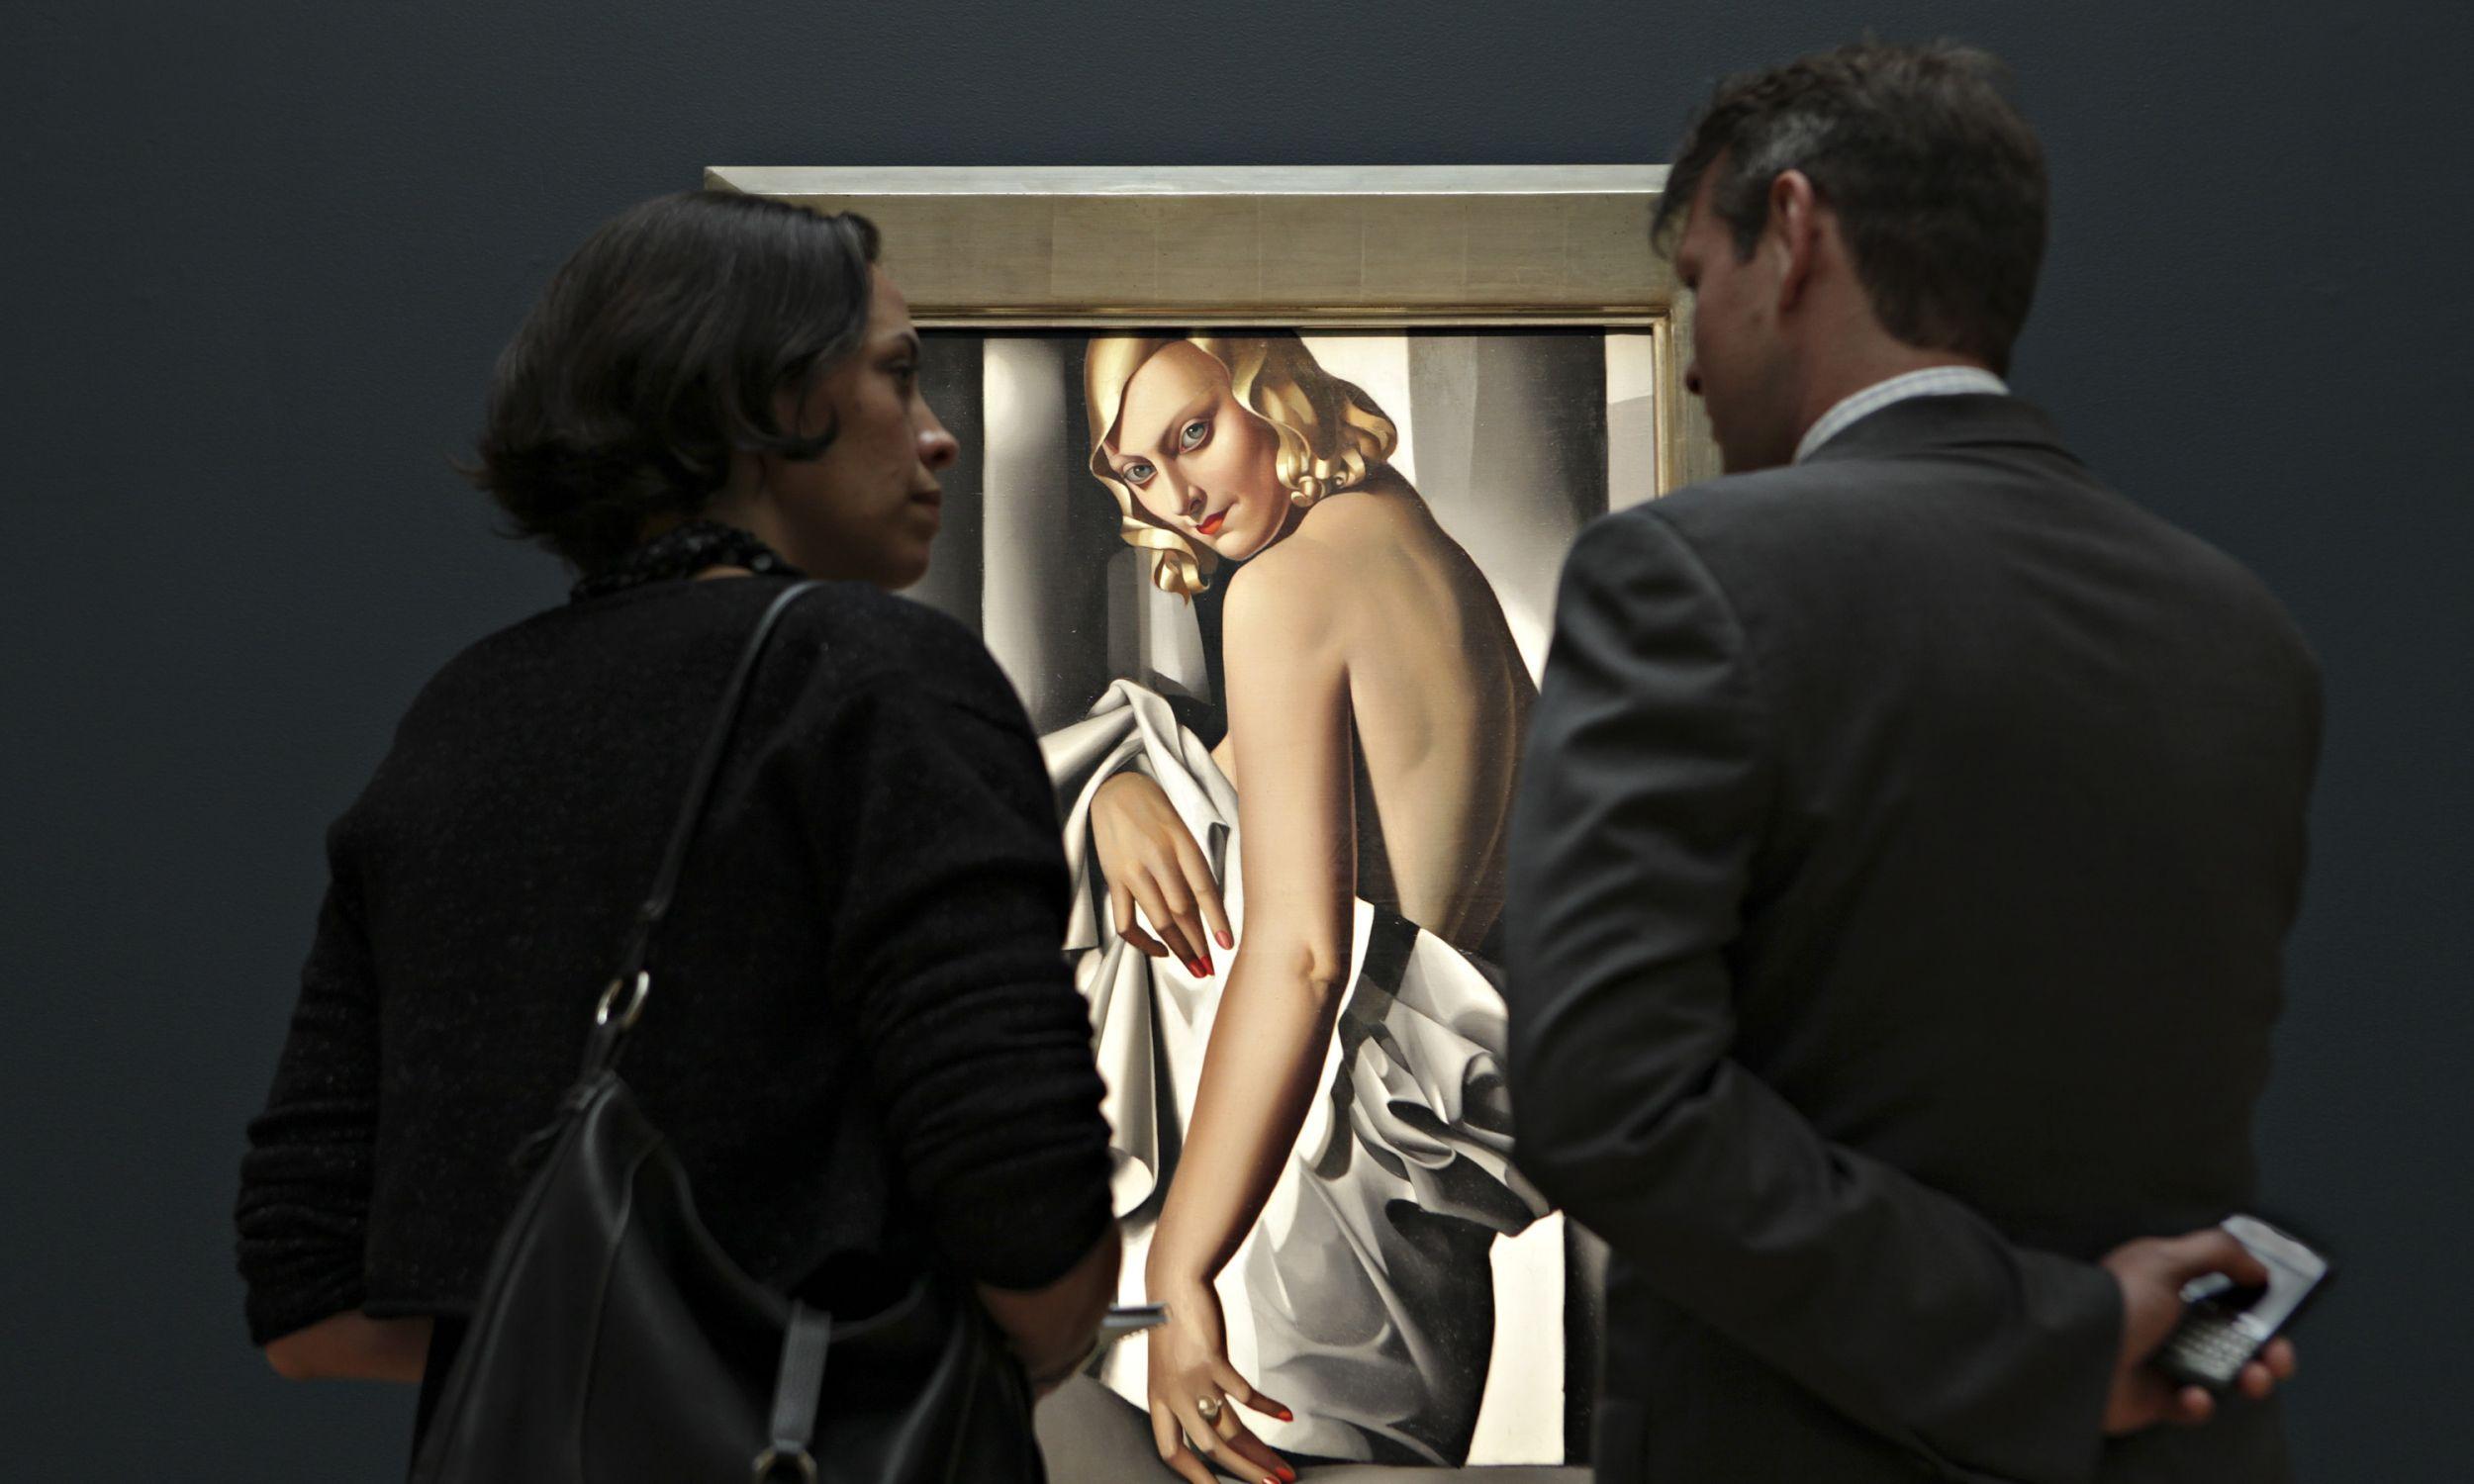 """""""Portret Marjorie Ferry"""" pędzla Tamary Łempickiej zmienił właściciela za aż 82 mln złotych (w przeliczeniu). Fot. Daniel Acker/Bloomberg via Getty Images"""